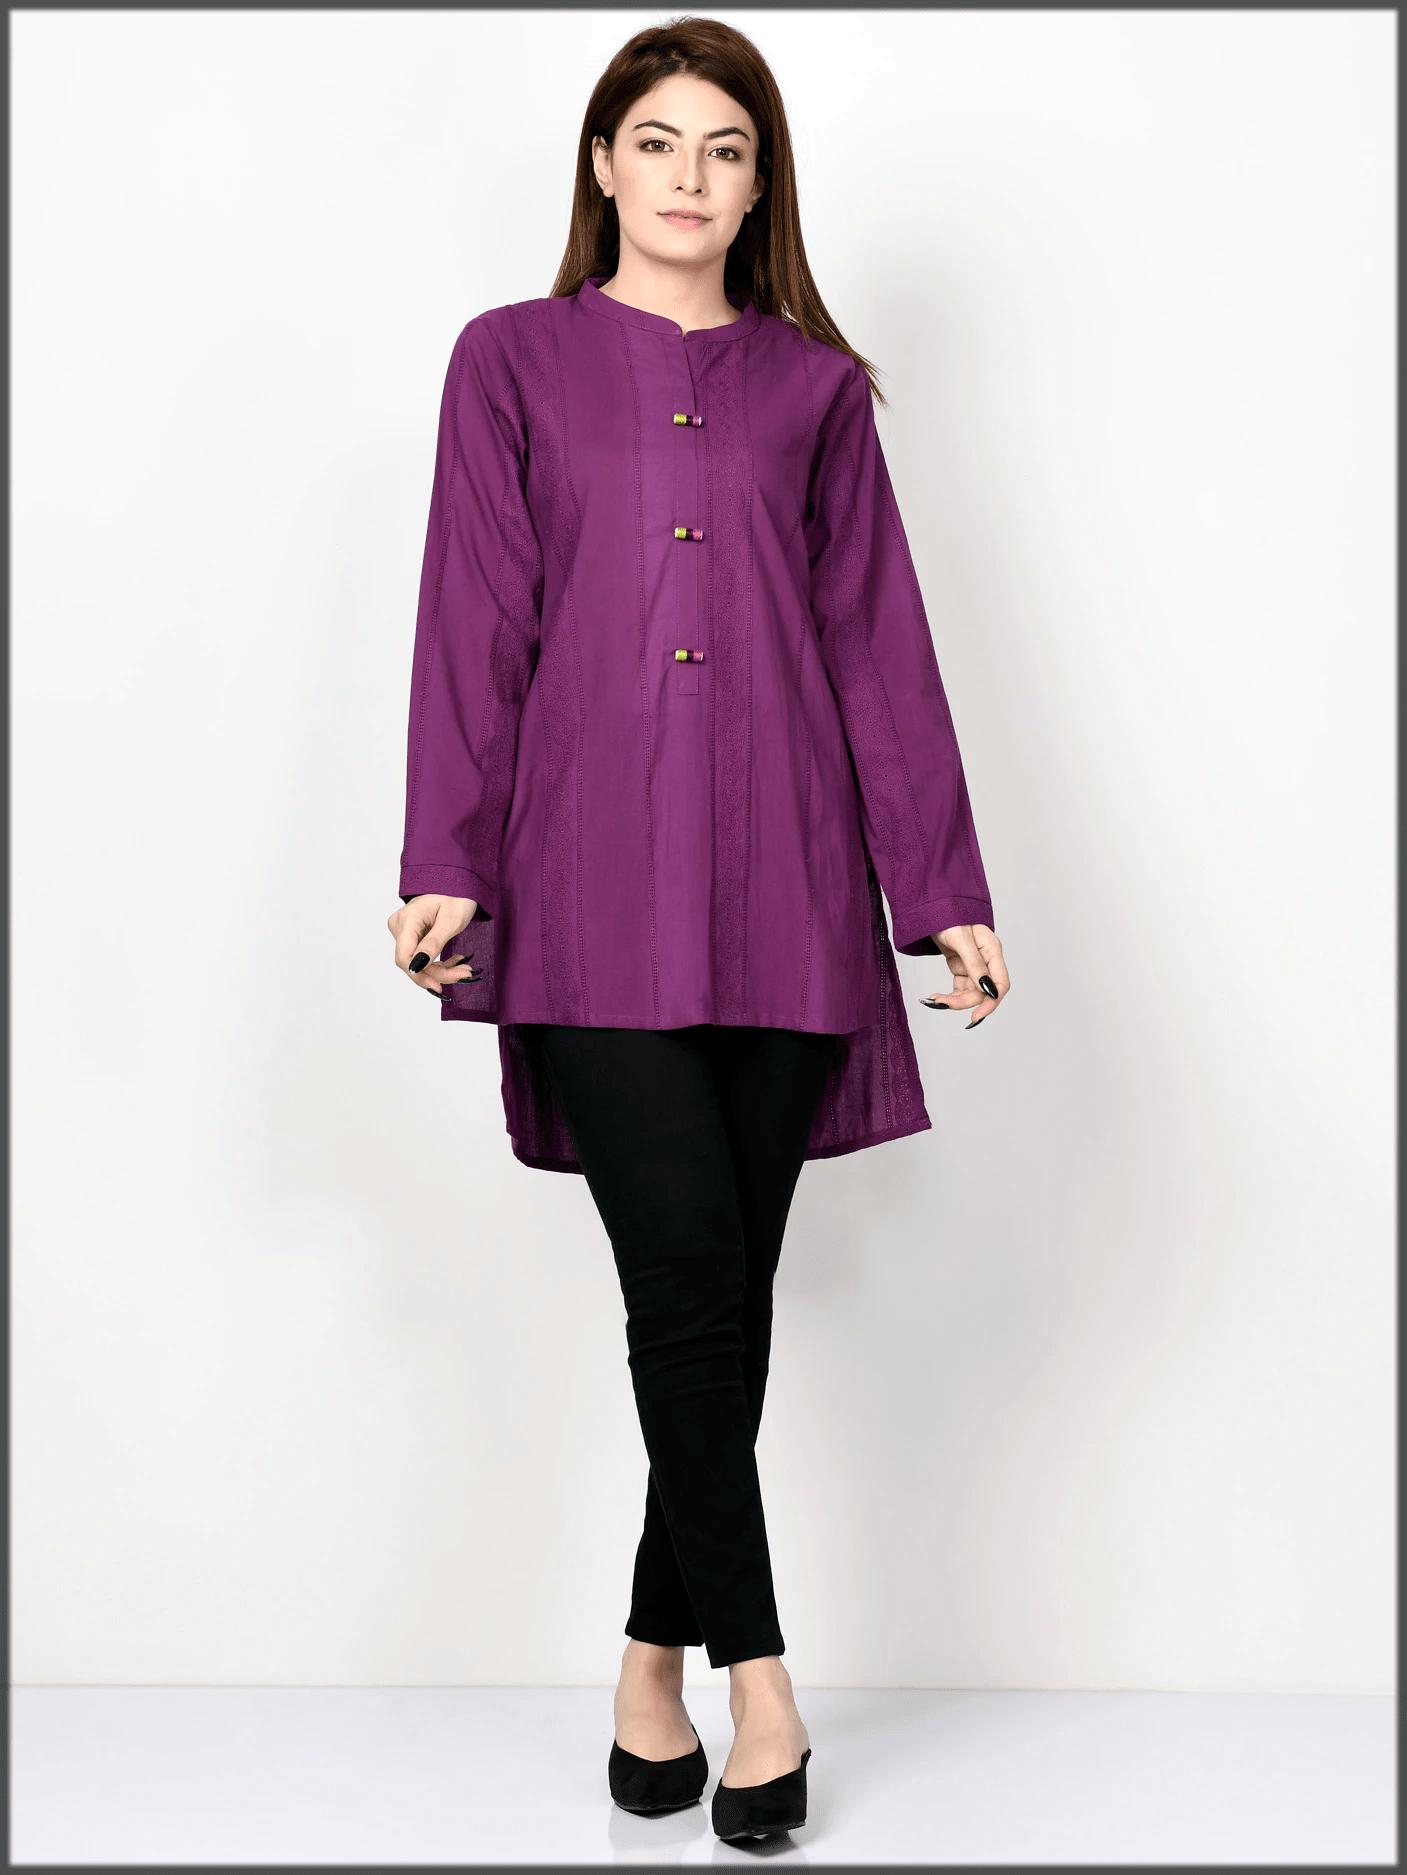 stylish kurta design for girls